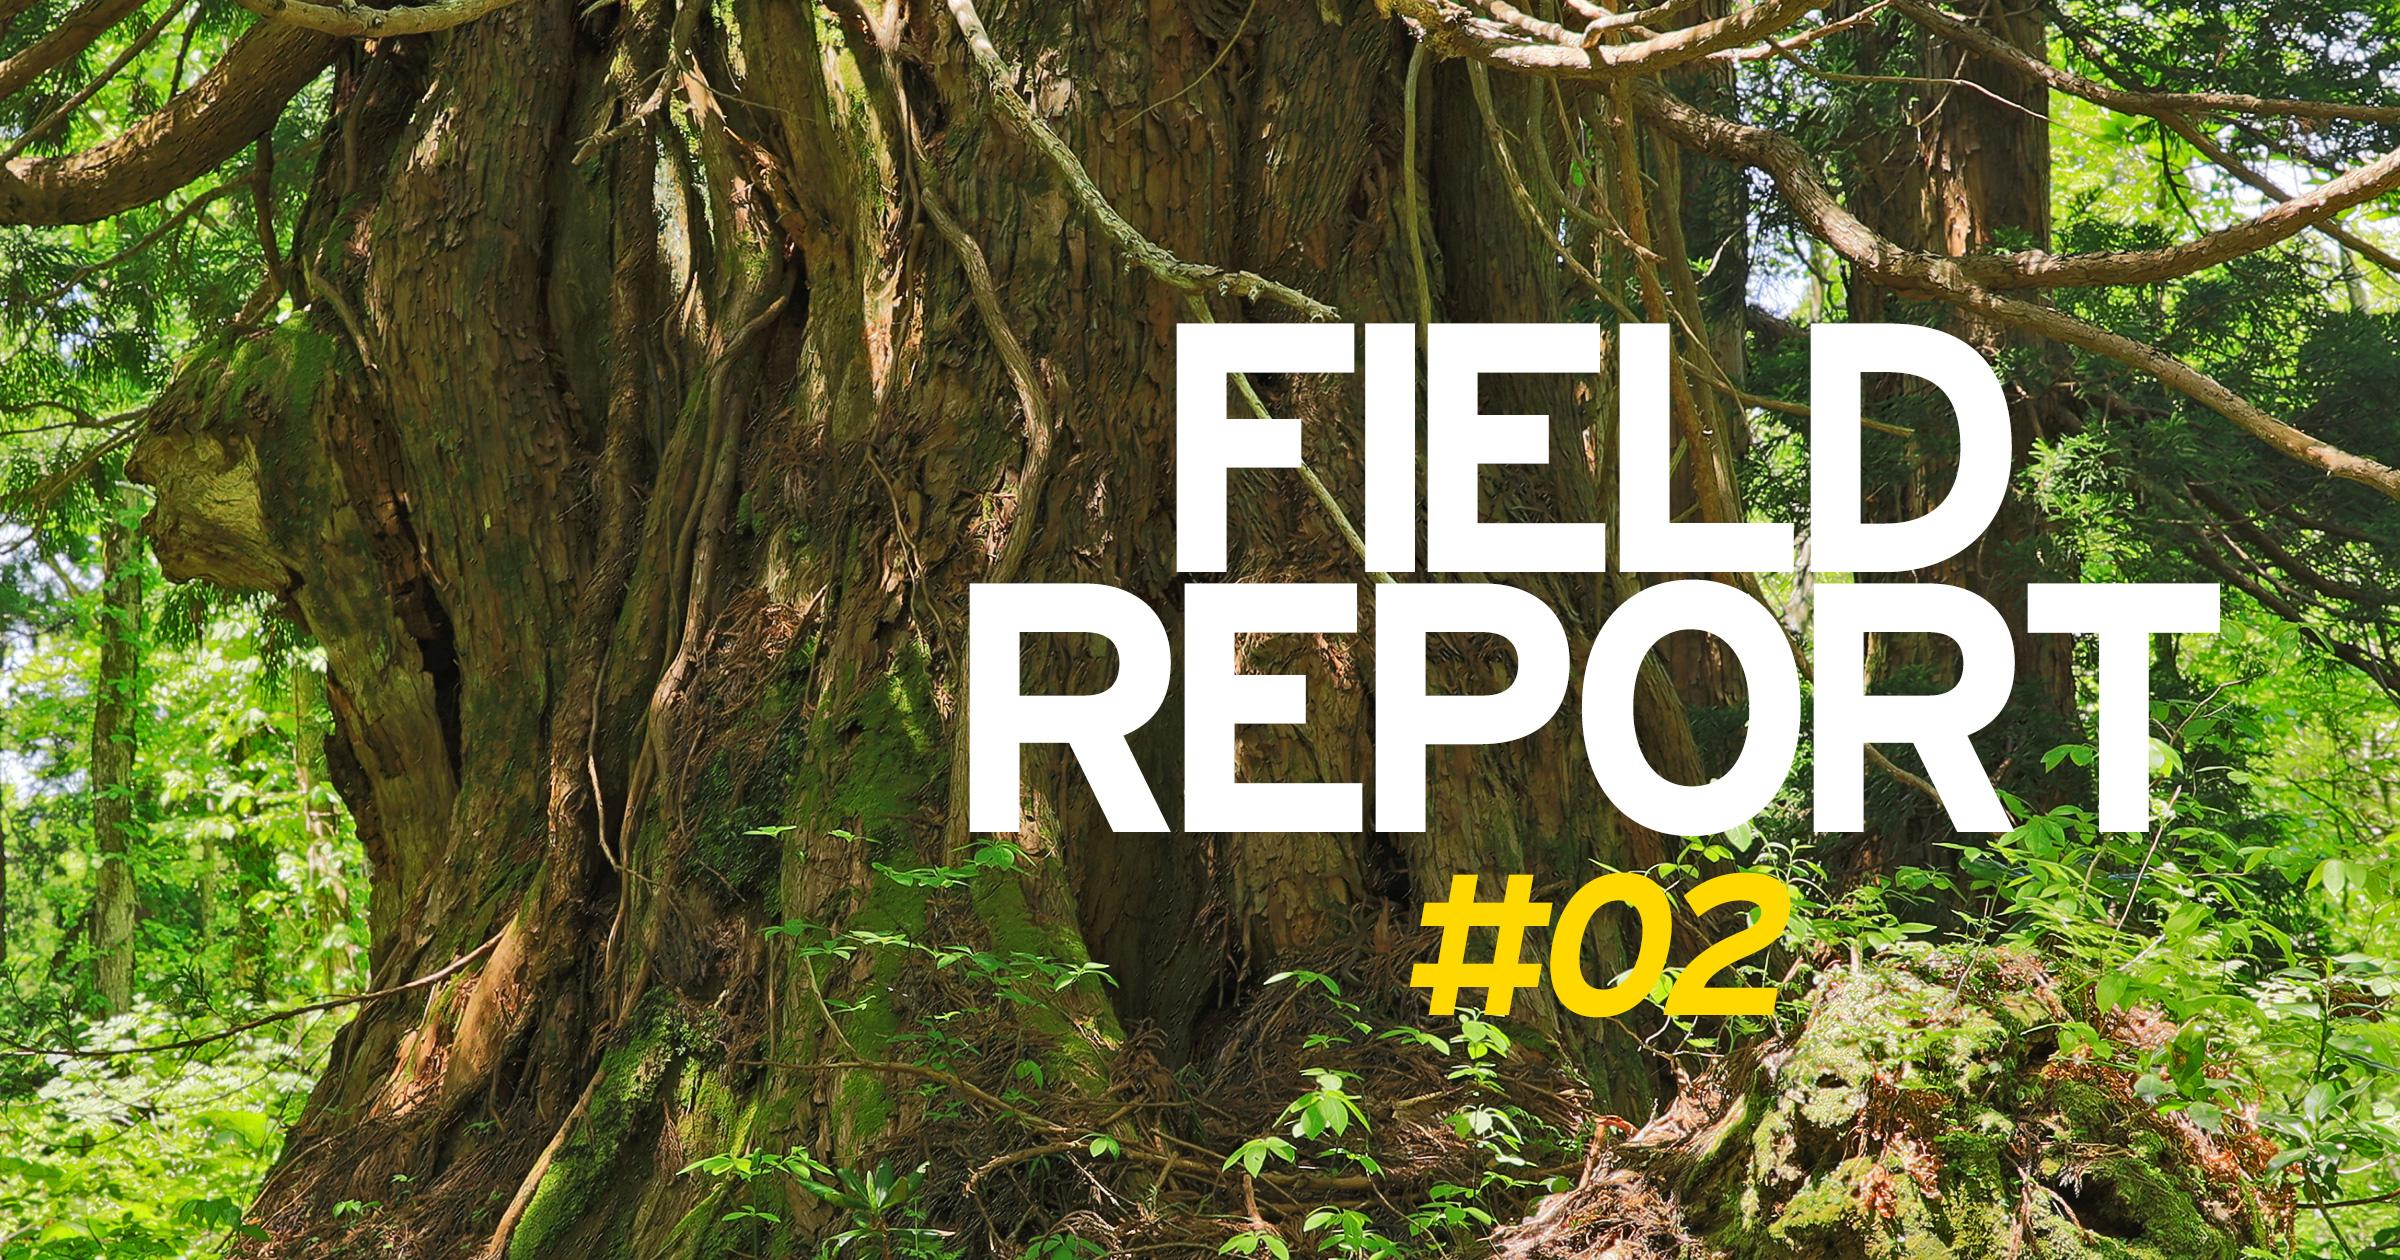 FIELD REPORT -金剛杉の息吹を感じる会-